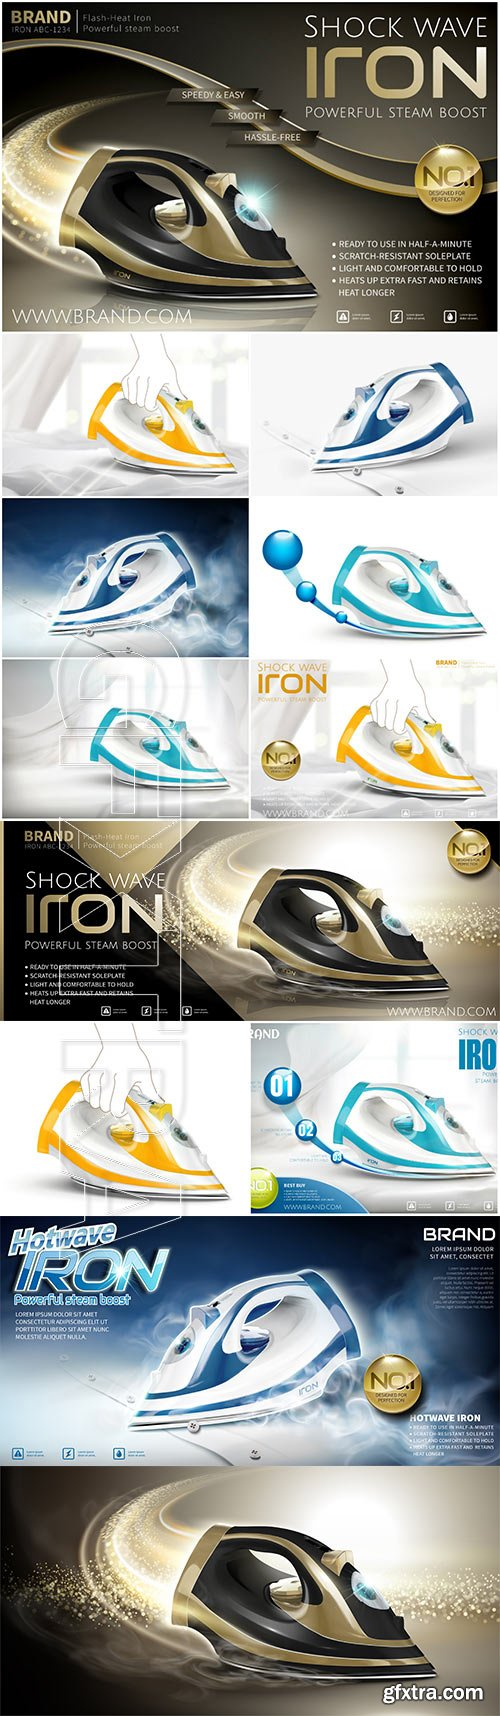 Iron in vector 3d illustration, steam iron advertisement